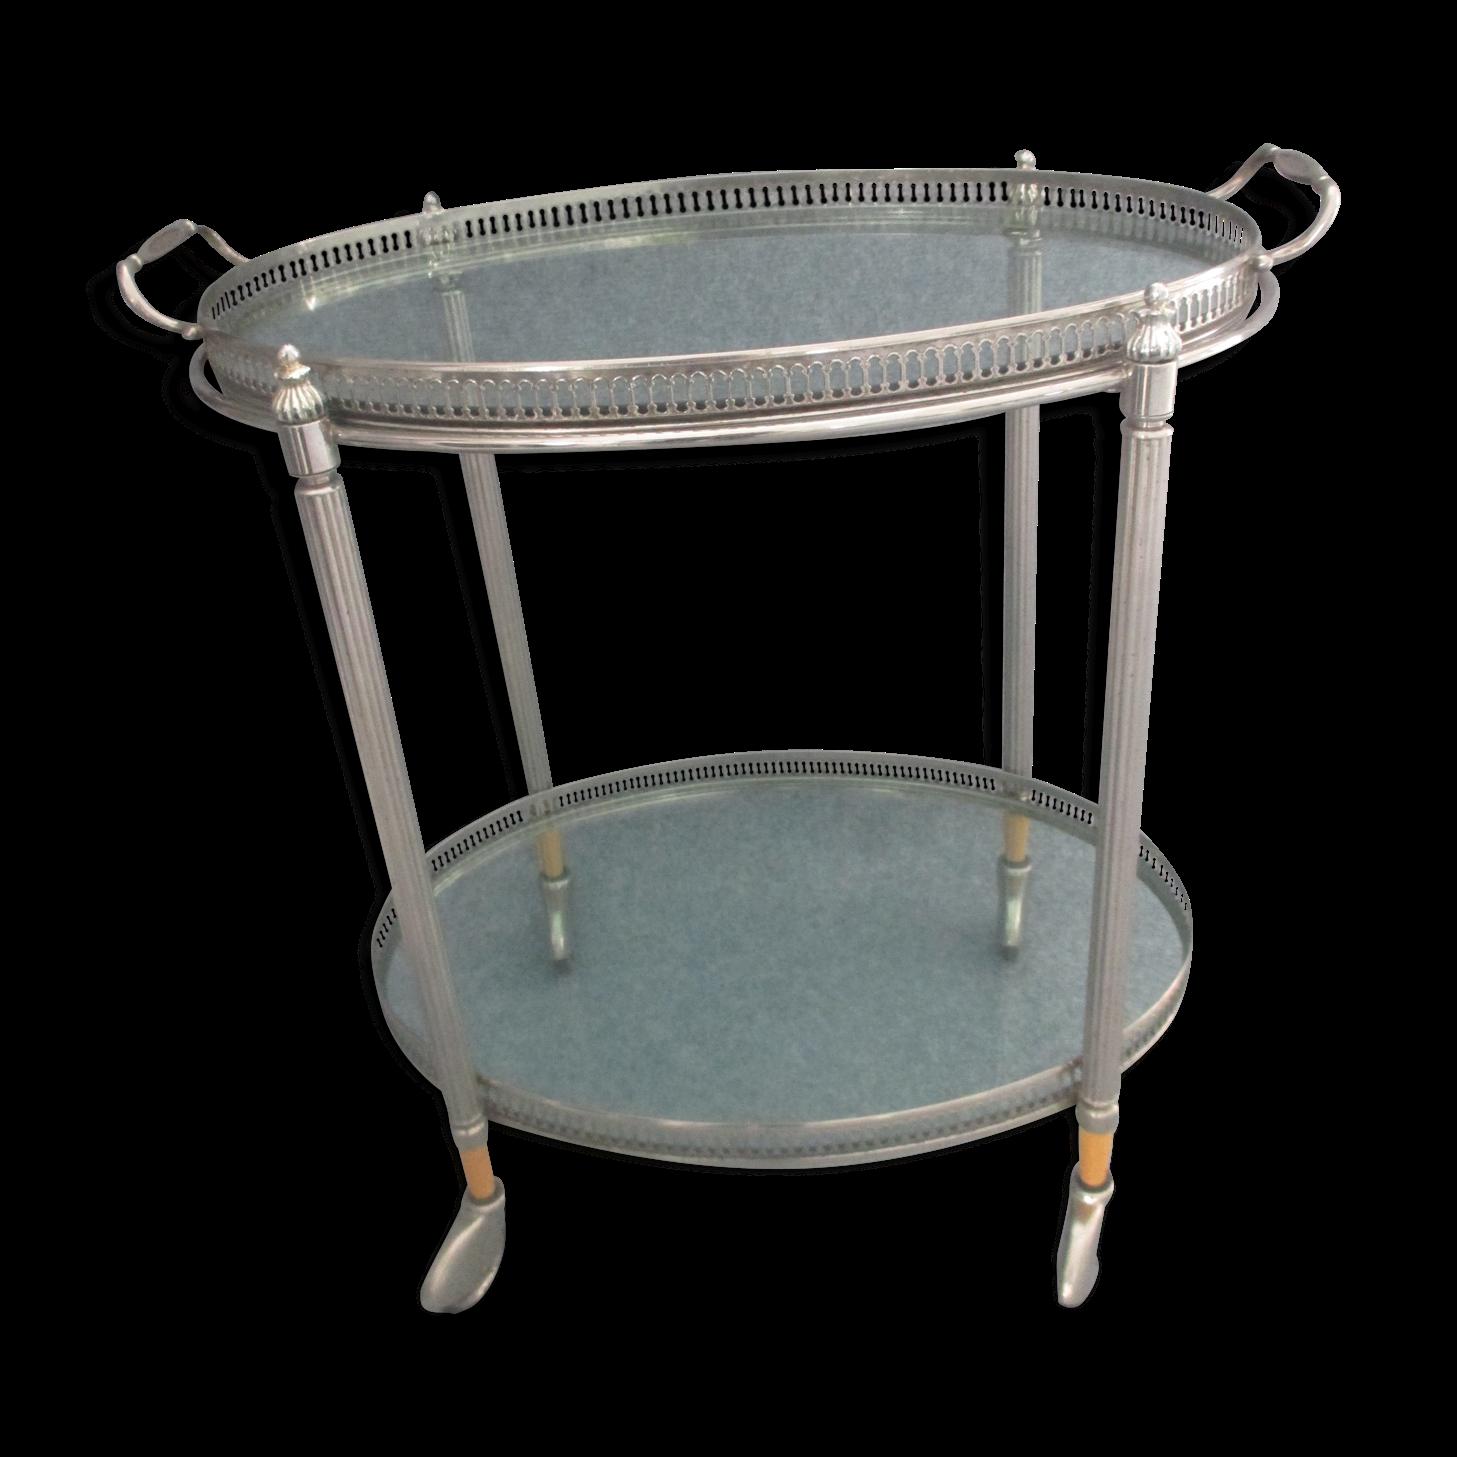 roulette ancienne pour meuble latest roulettes en caoutchouc gris with roulette ancienne pour. Black Bedroom Furniture Sets. Home Design Ideas